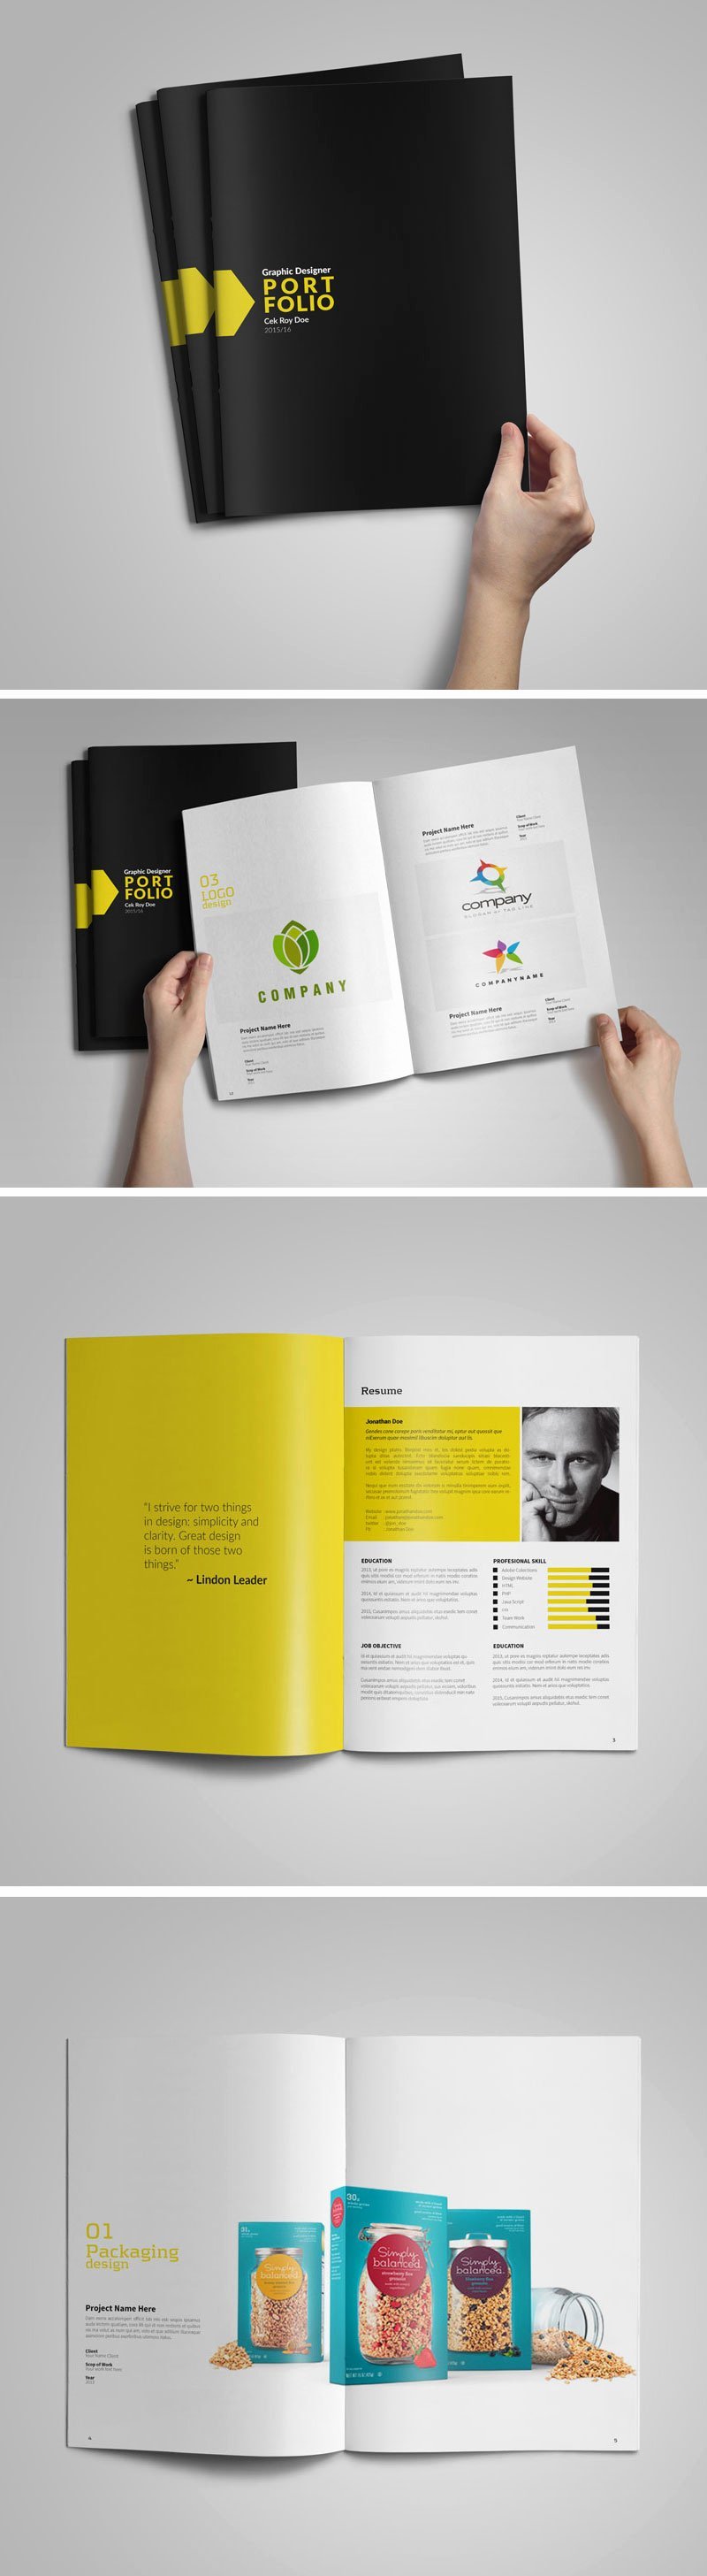 Free Graphic Designer Portfolio Template